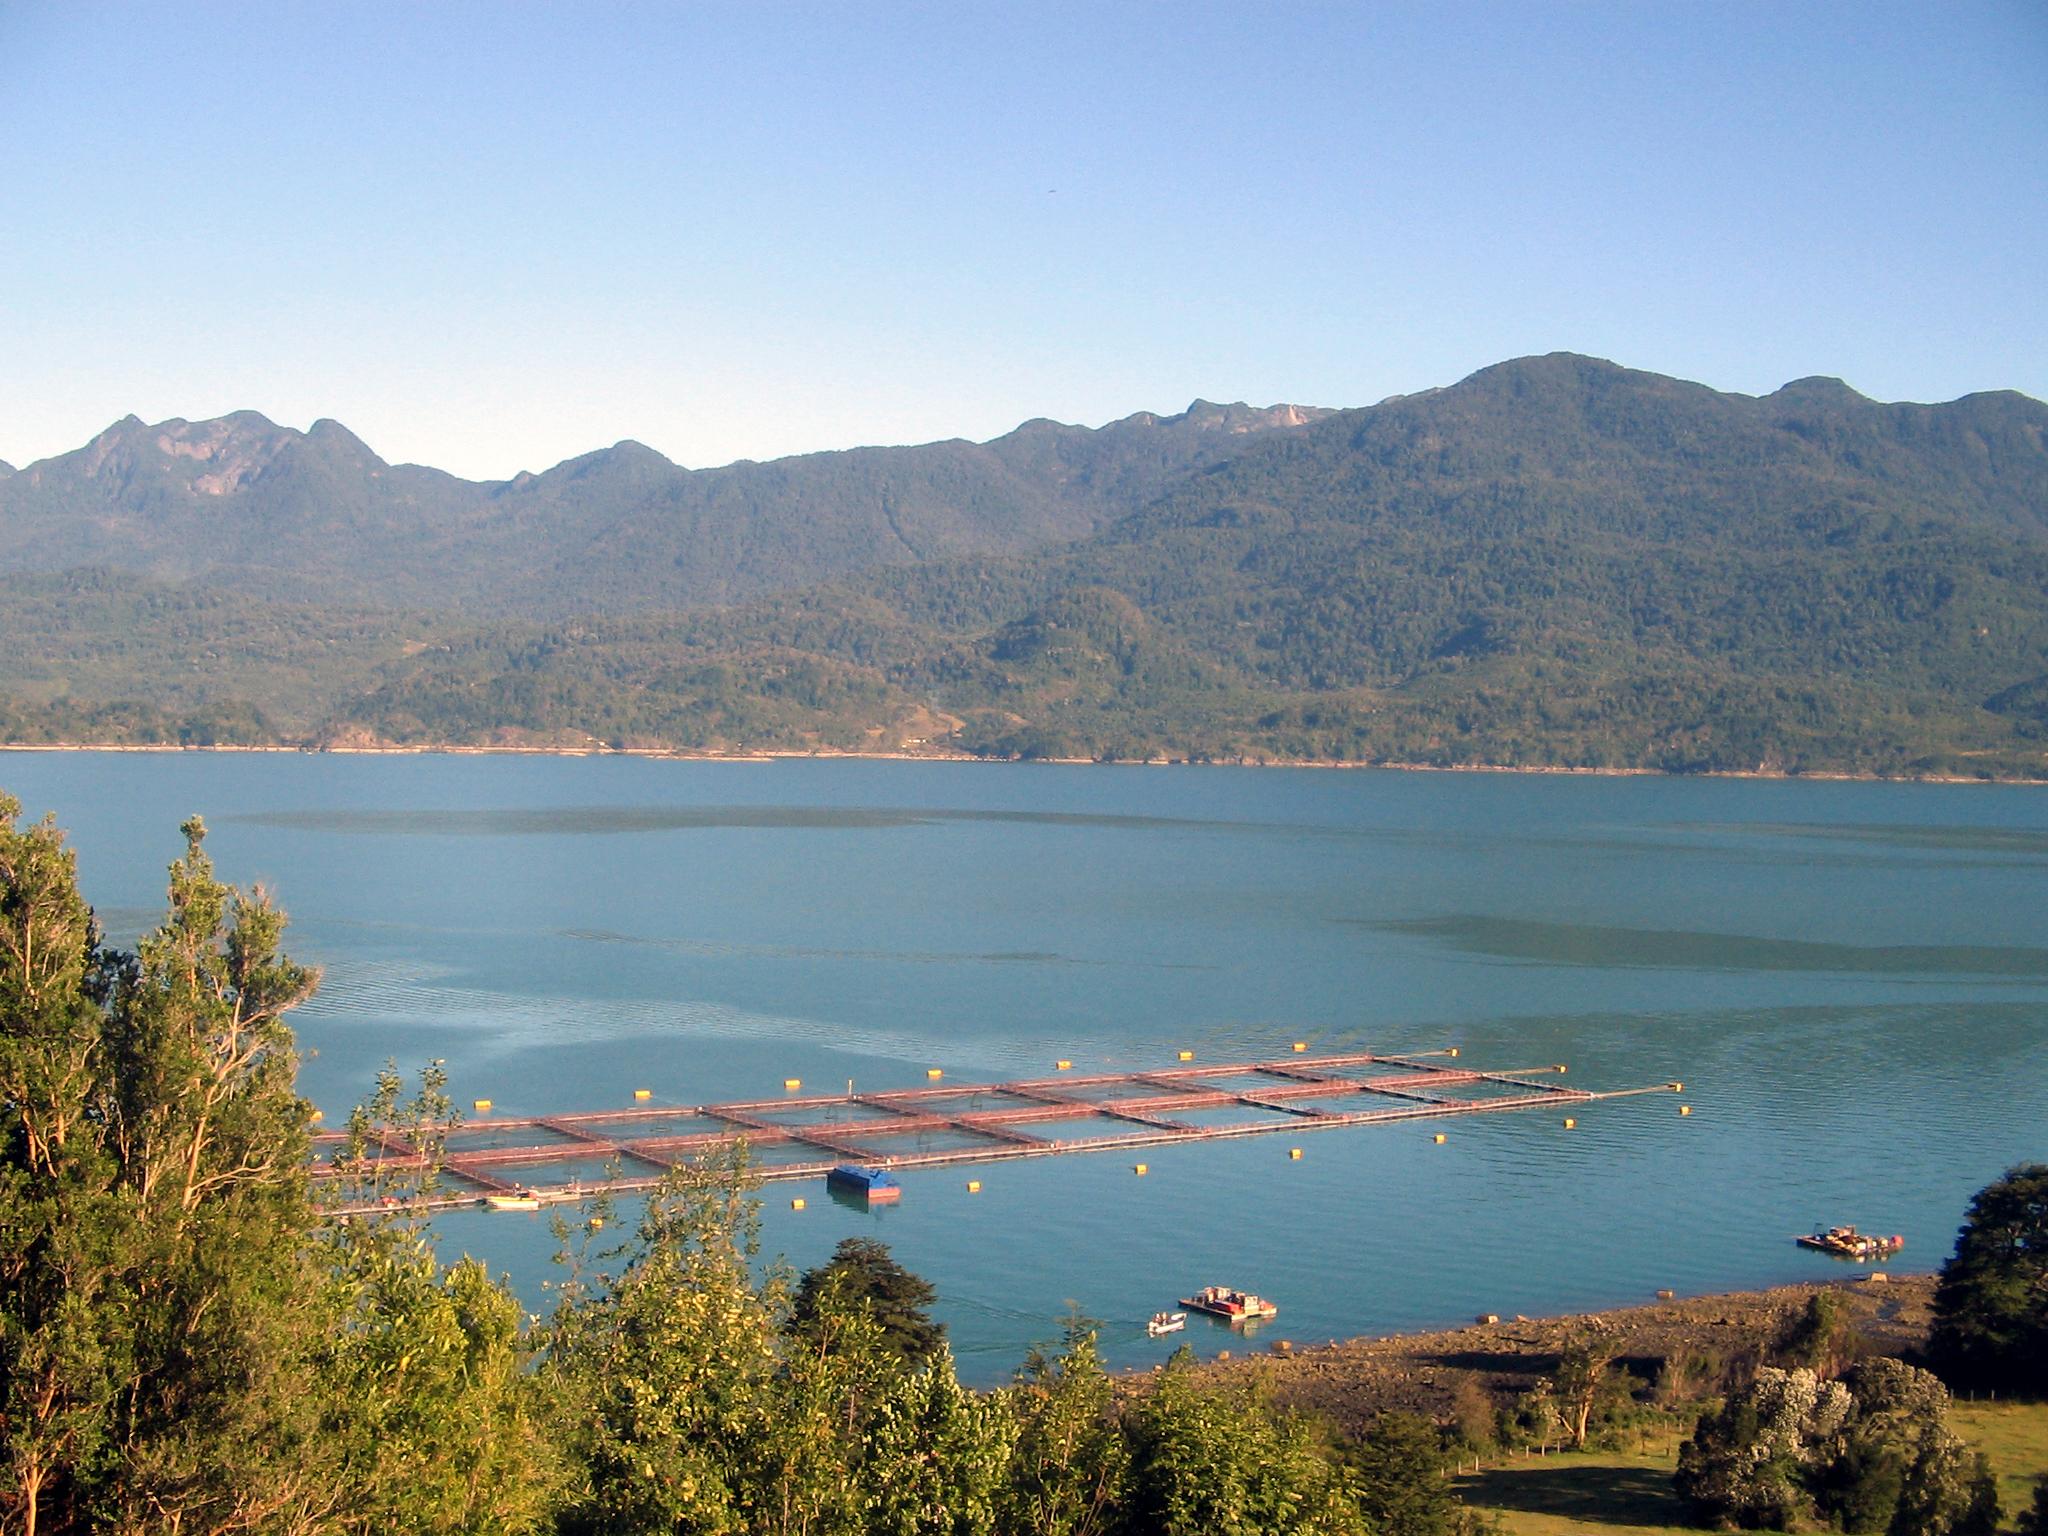 Una fuga de casi 700 mil salmones en Chile alarma a ambientalistas